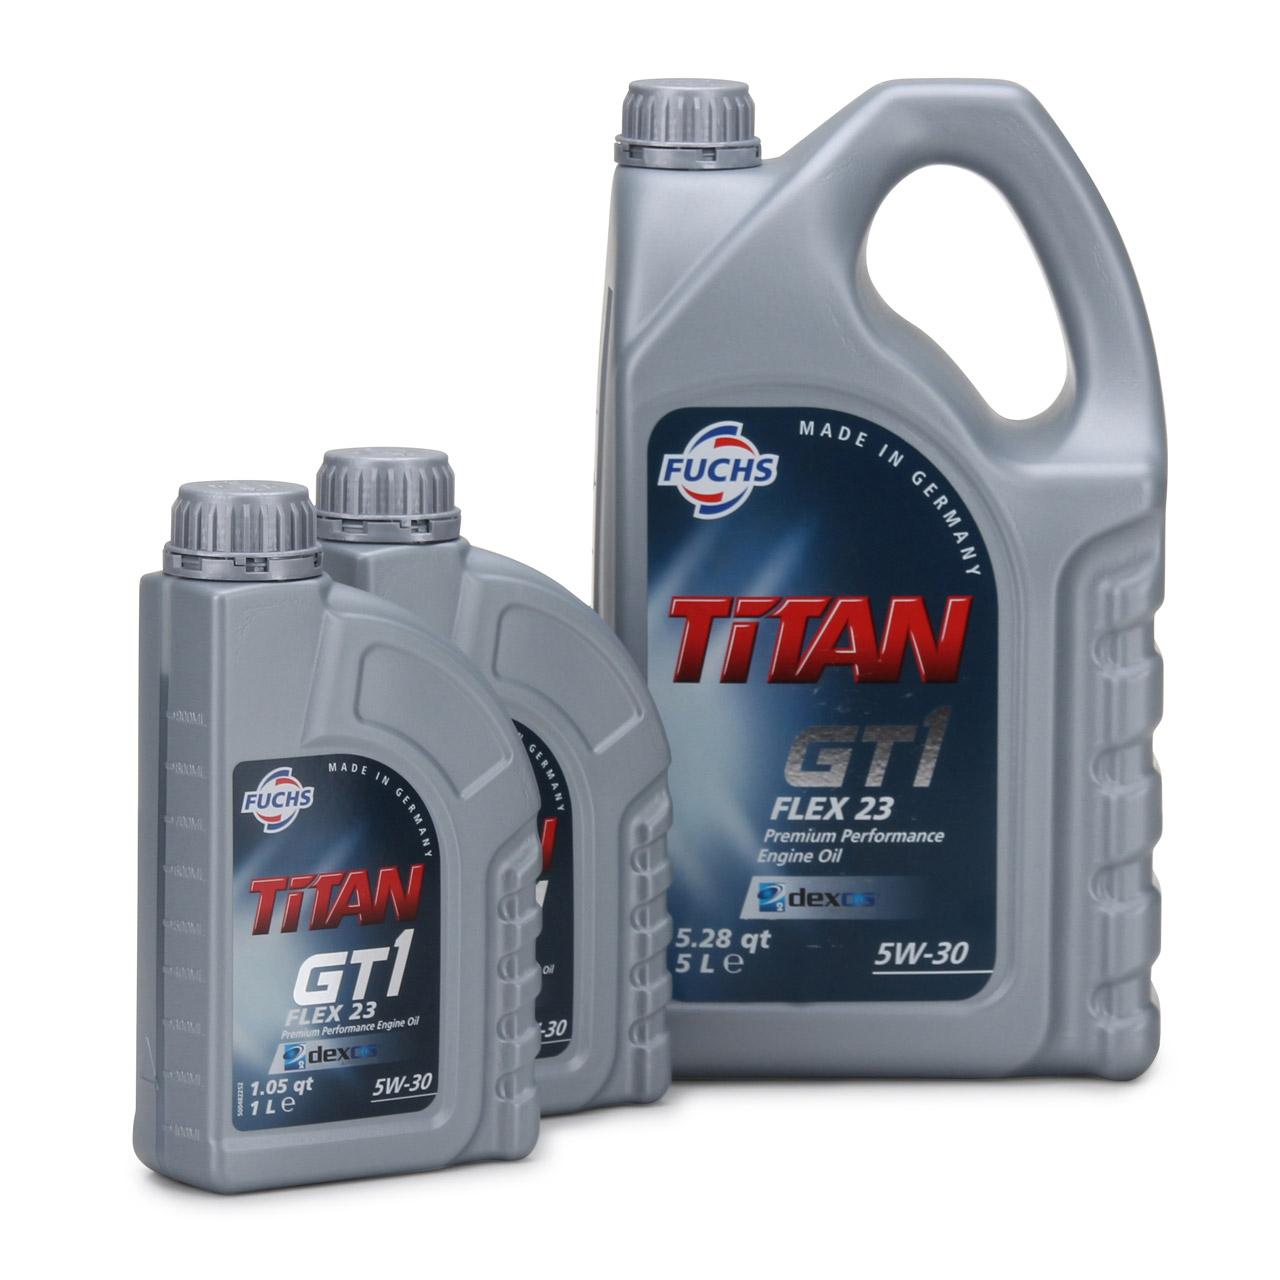 FUCHS Motoröl TITAN GT1 Flex 23 5W30 5W-30 dexos2 LL-04 505.00/505.01 7L 7 Liter